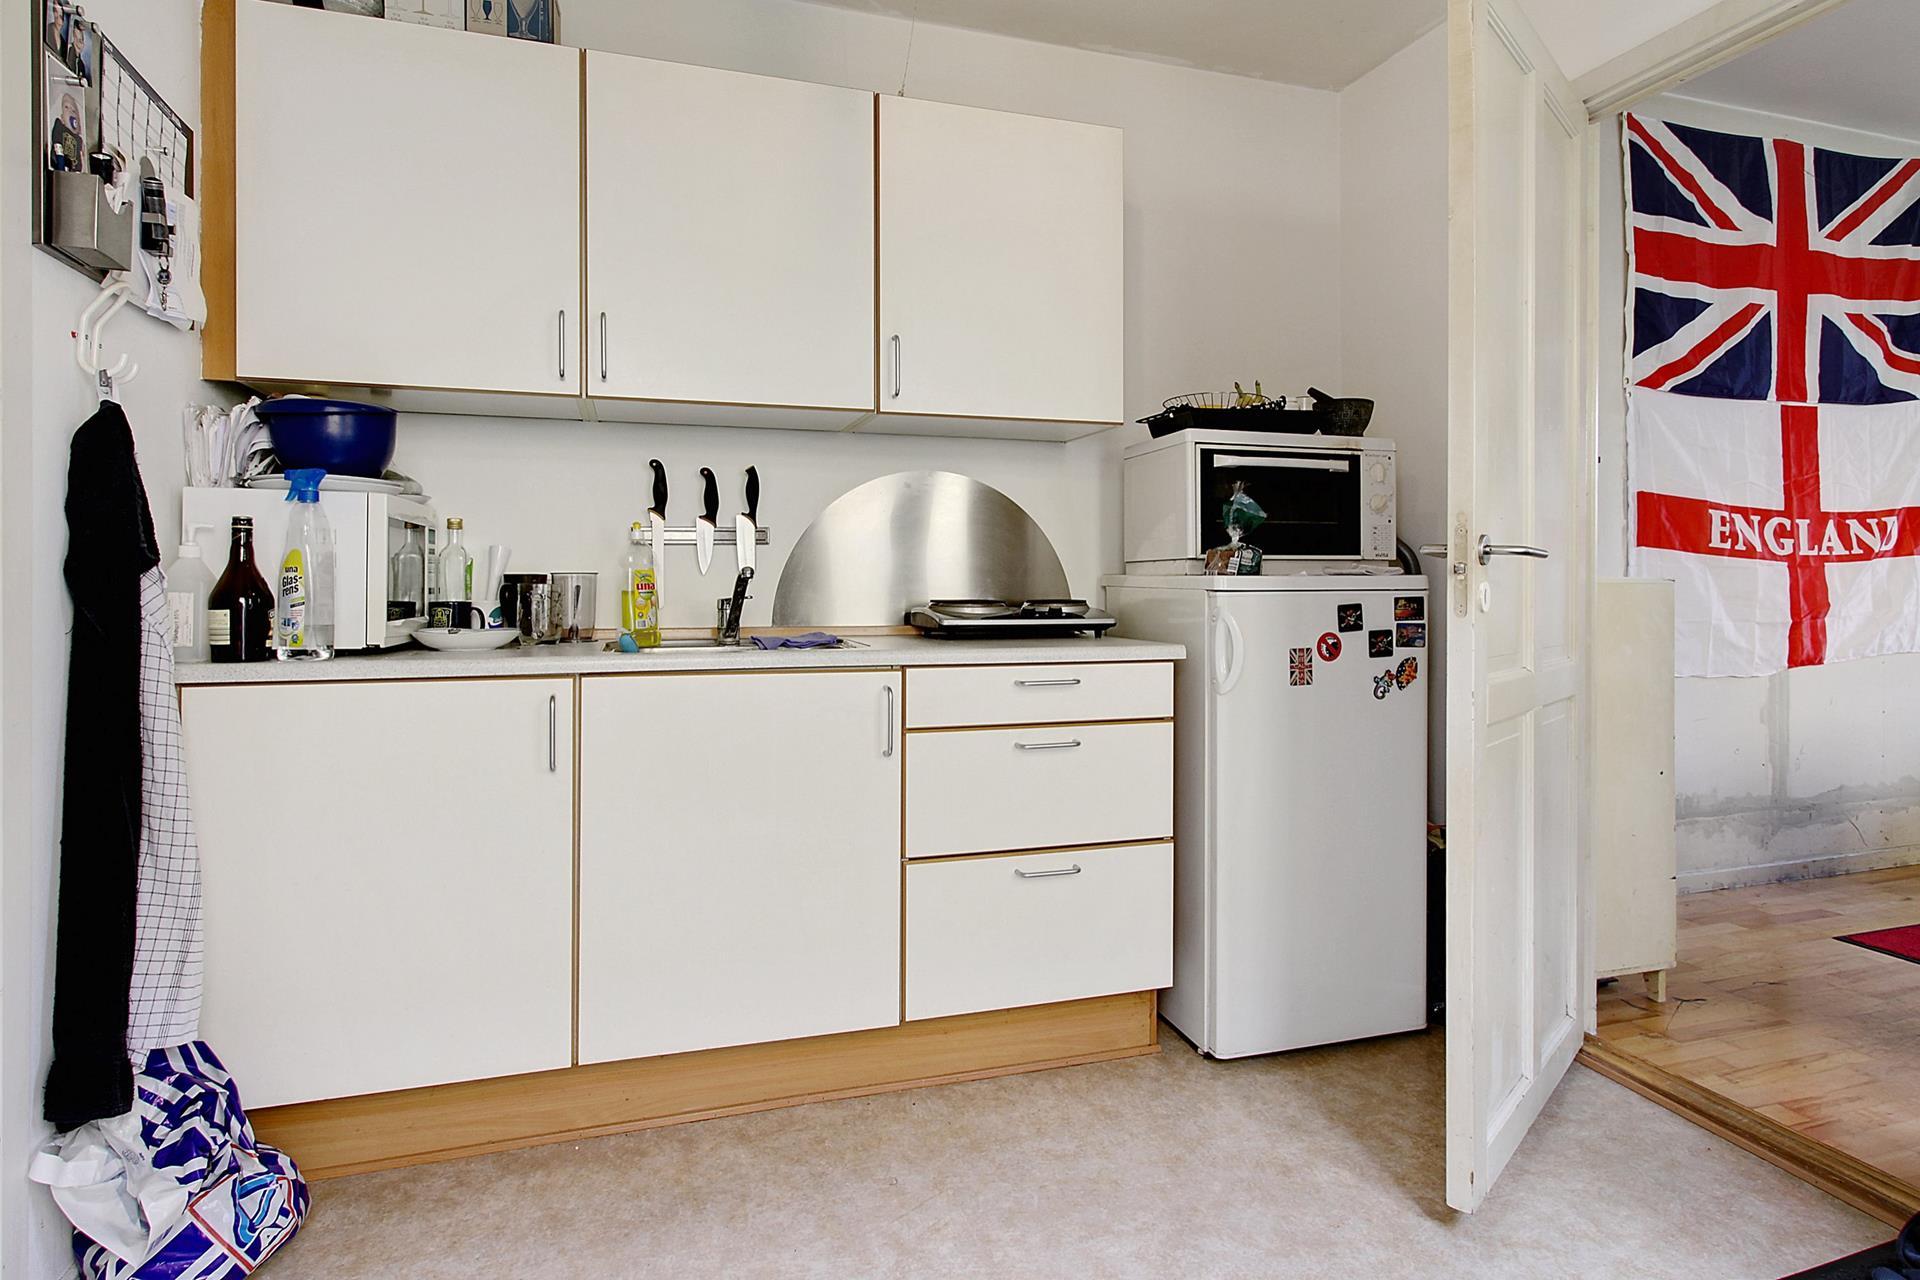 Bolig/erhverv på Algade i Skælskør - Køkken